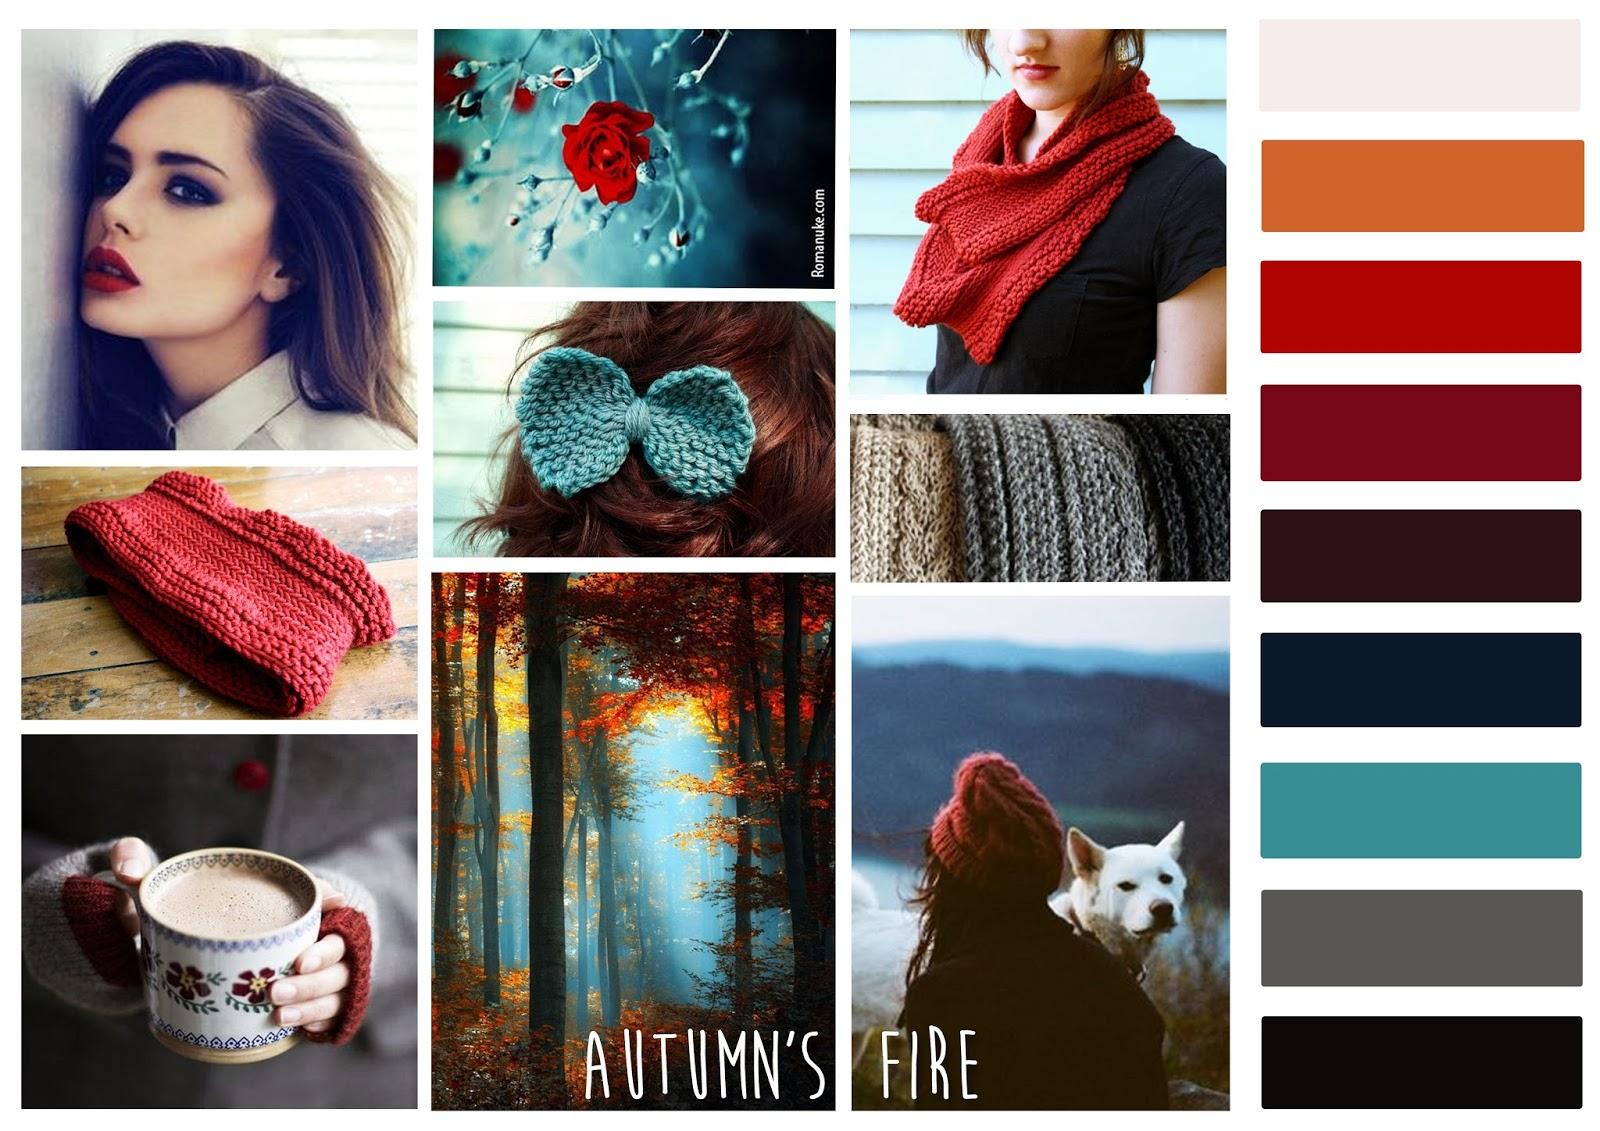 http://www.pinterest.com/zoemayy/moodboard-autumns-fire/